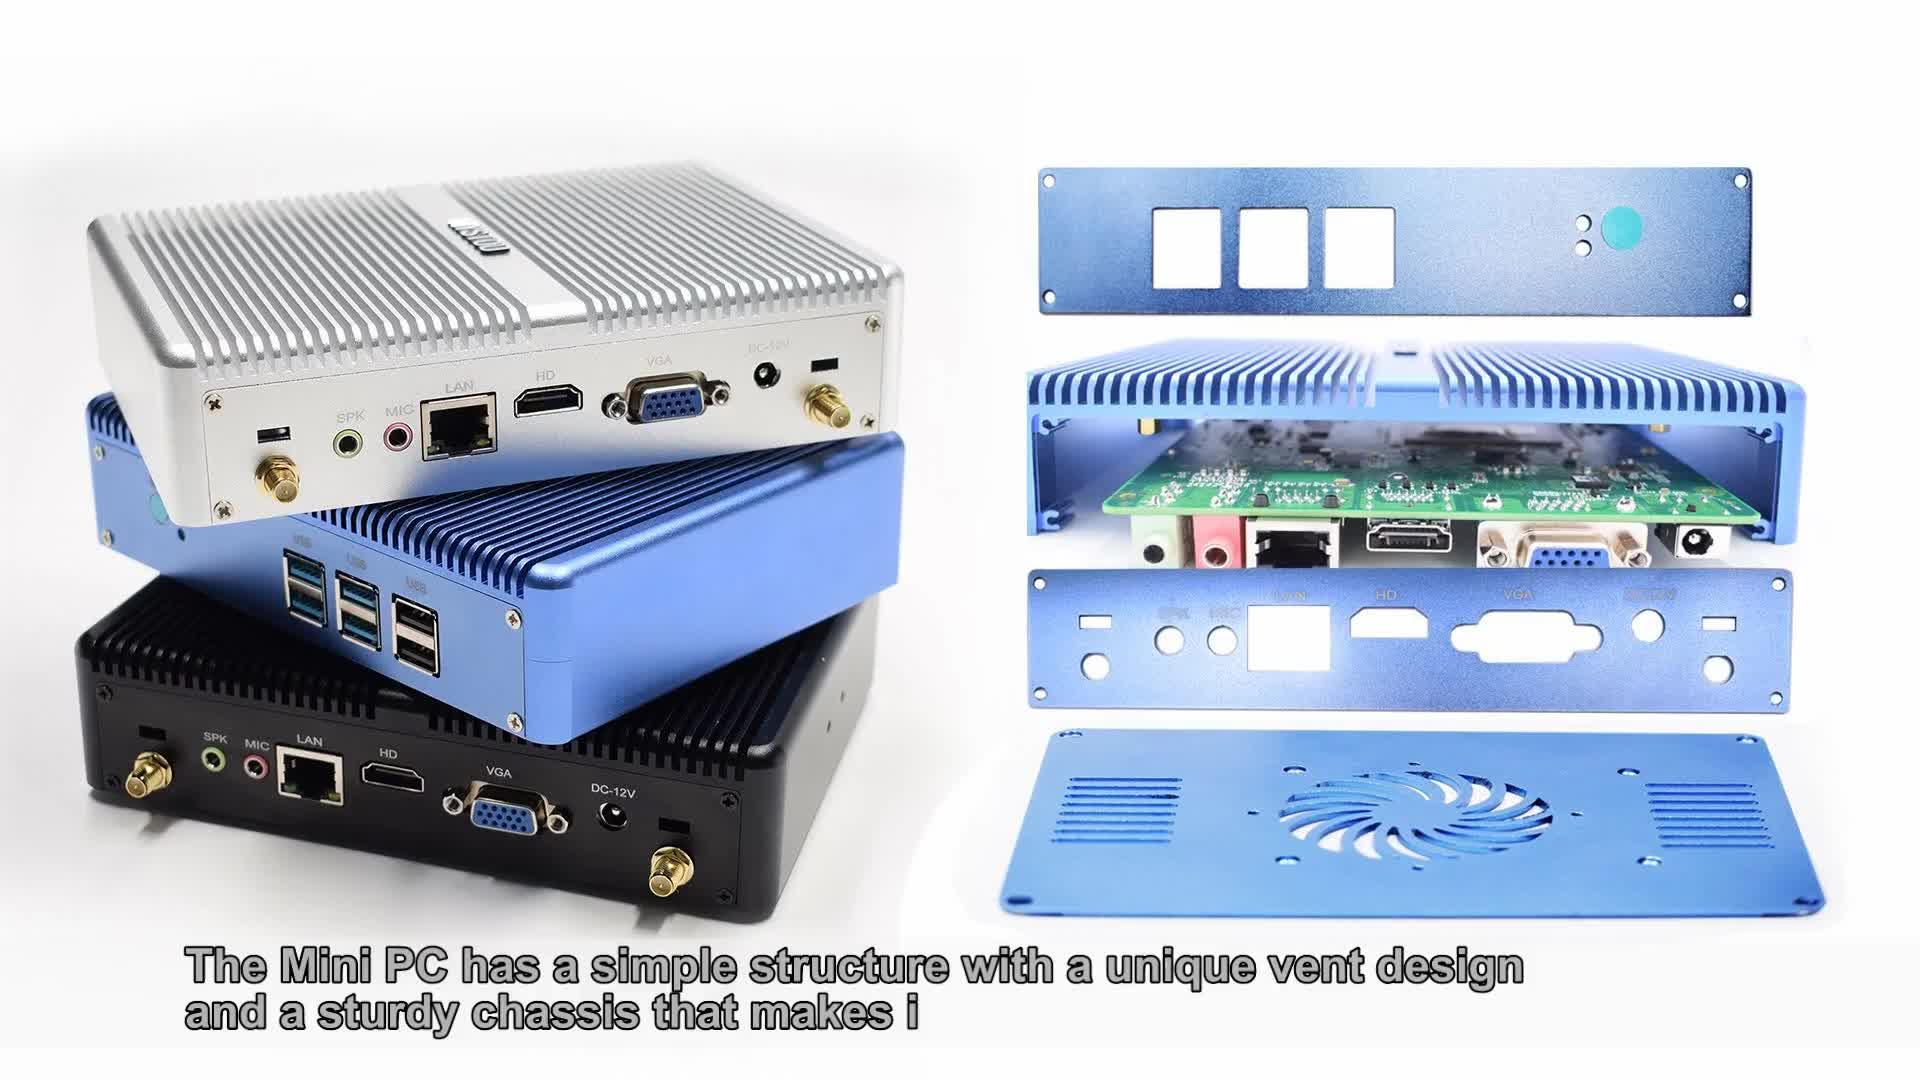 最高価格 thinclient ミニ pc サポートカスタムロゴミニ pc i5 インテル 4210y 4200y ベアボーンデスクトップ pc